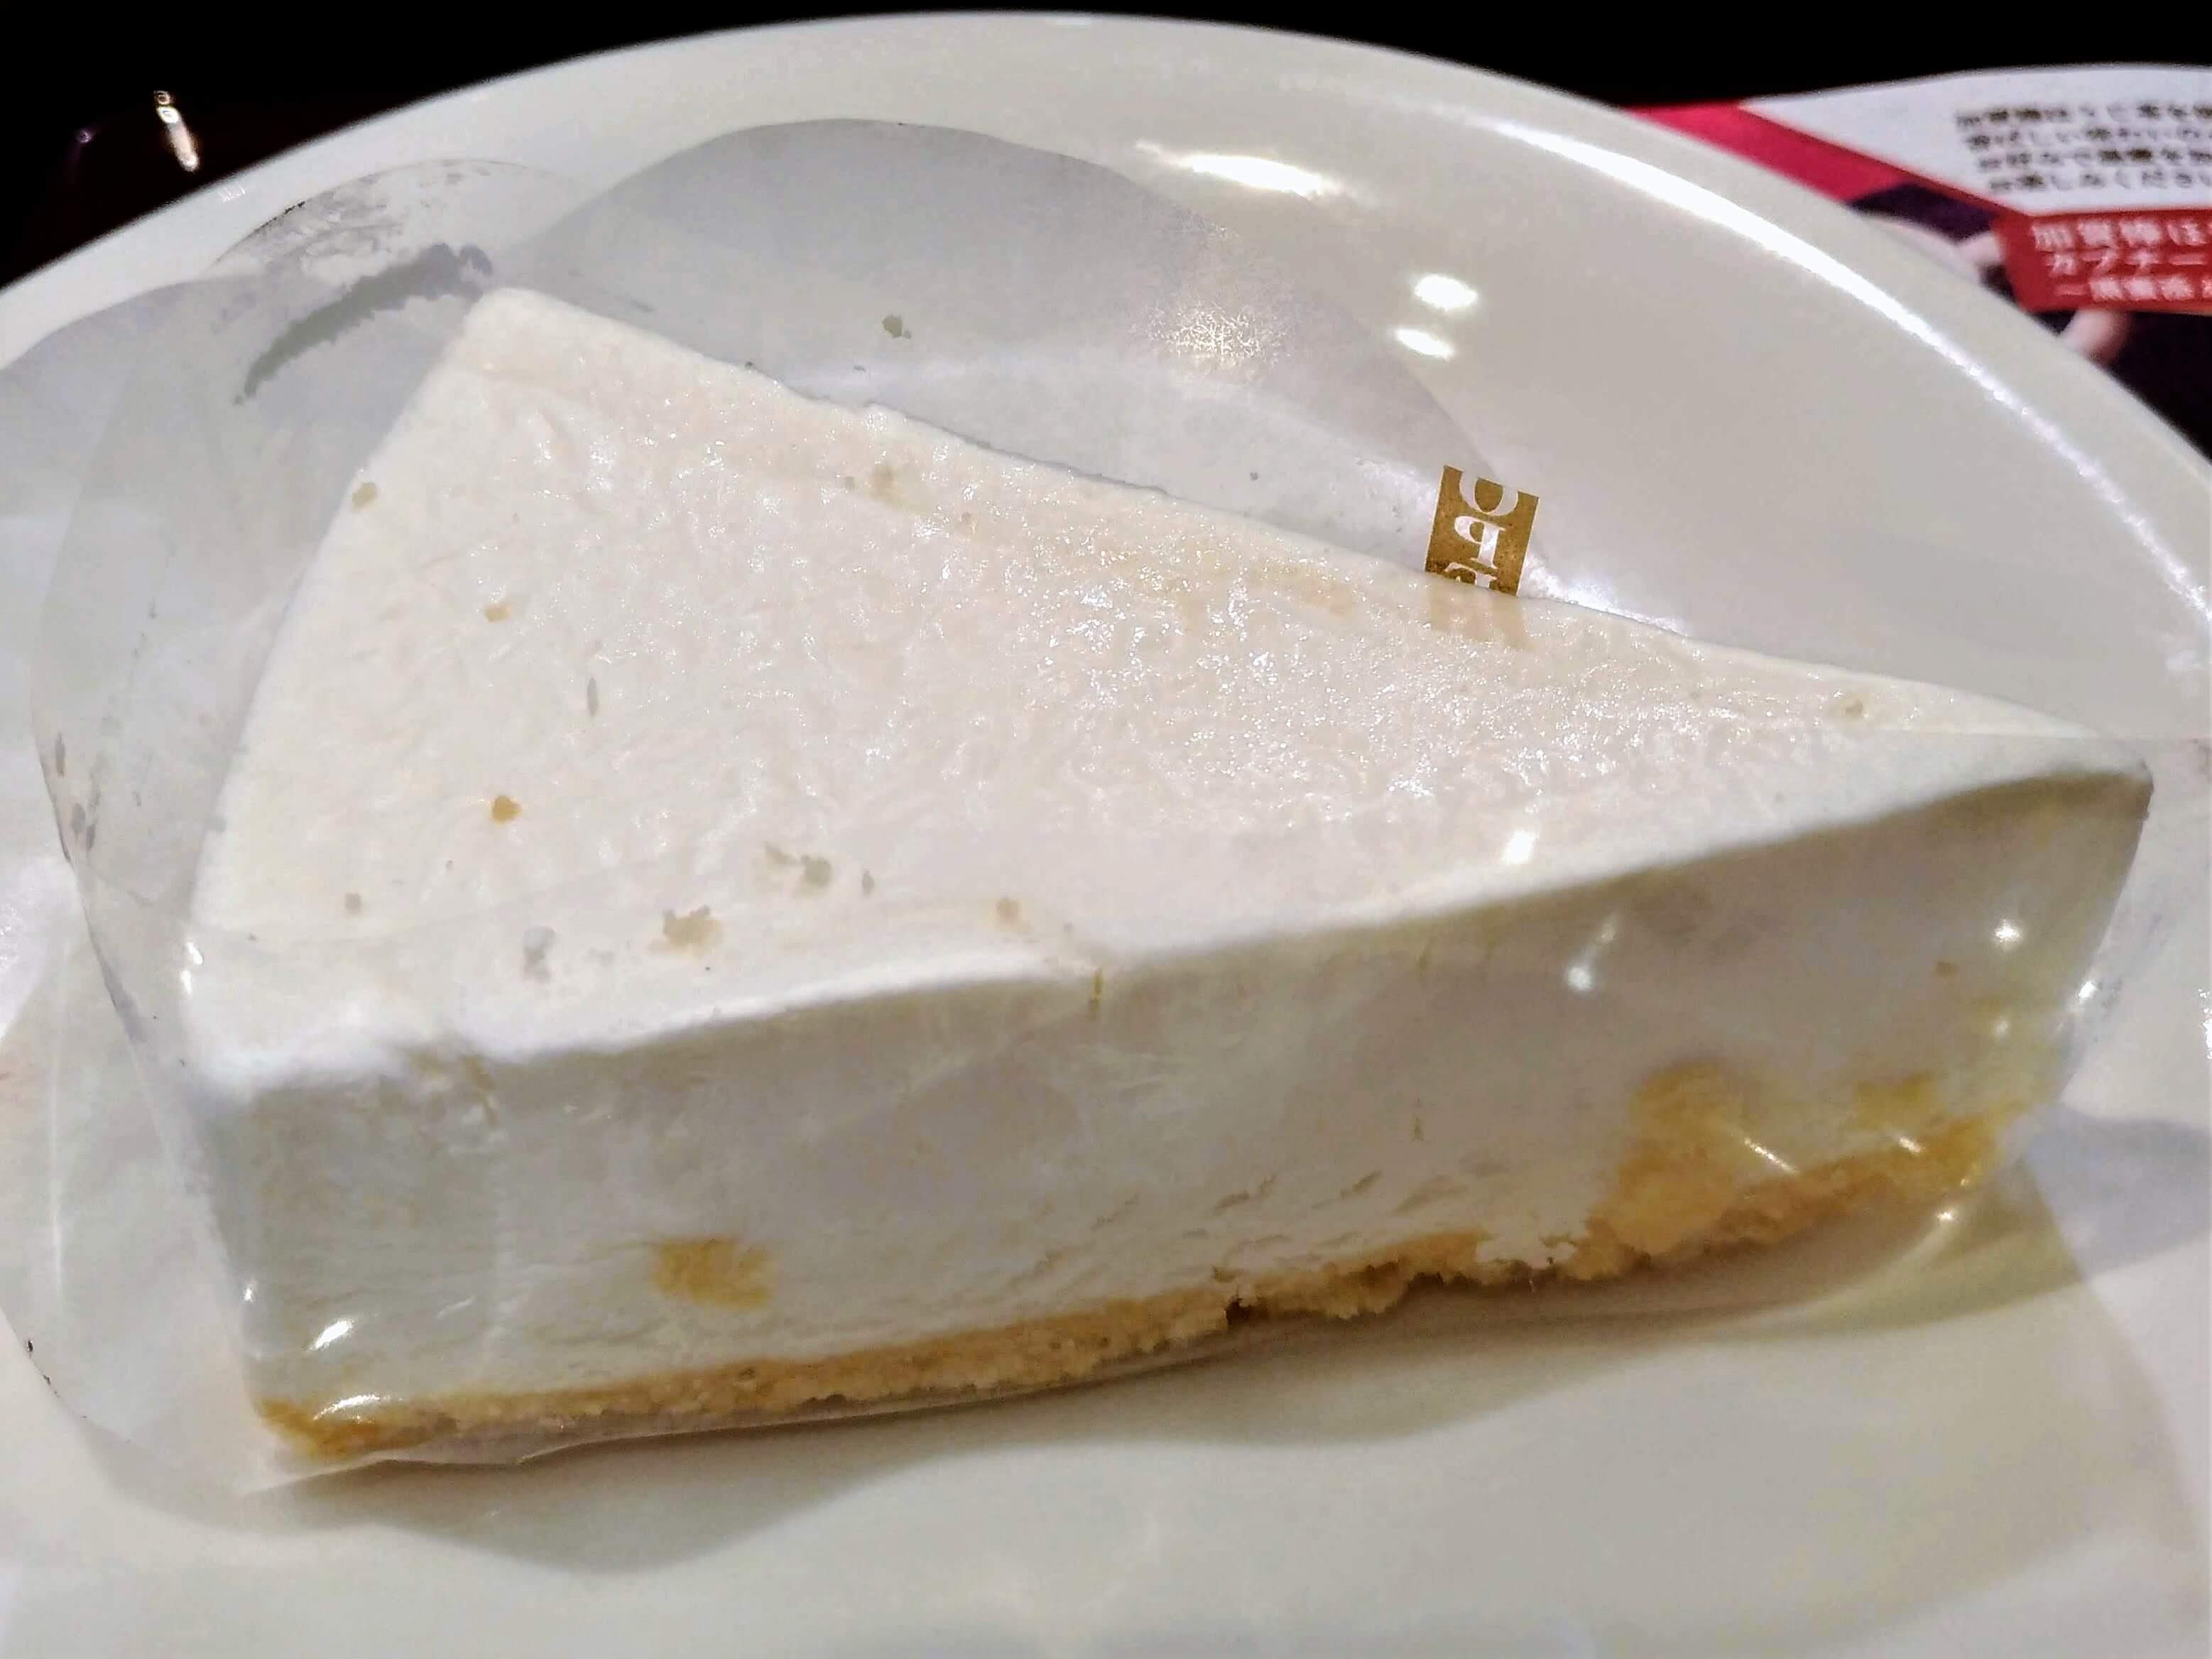 北海道クリームチーズケーキ 画像 (3)